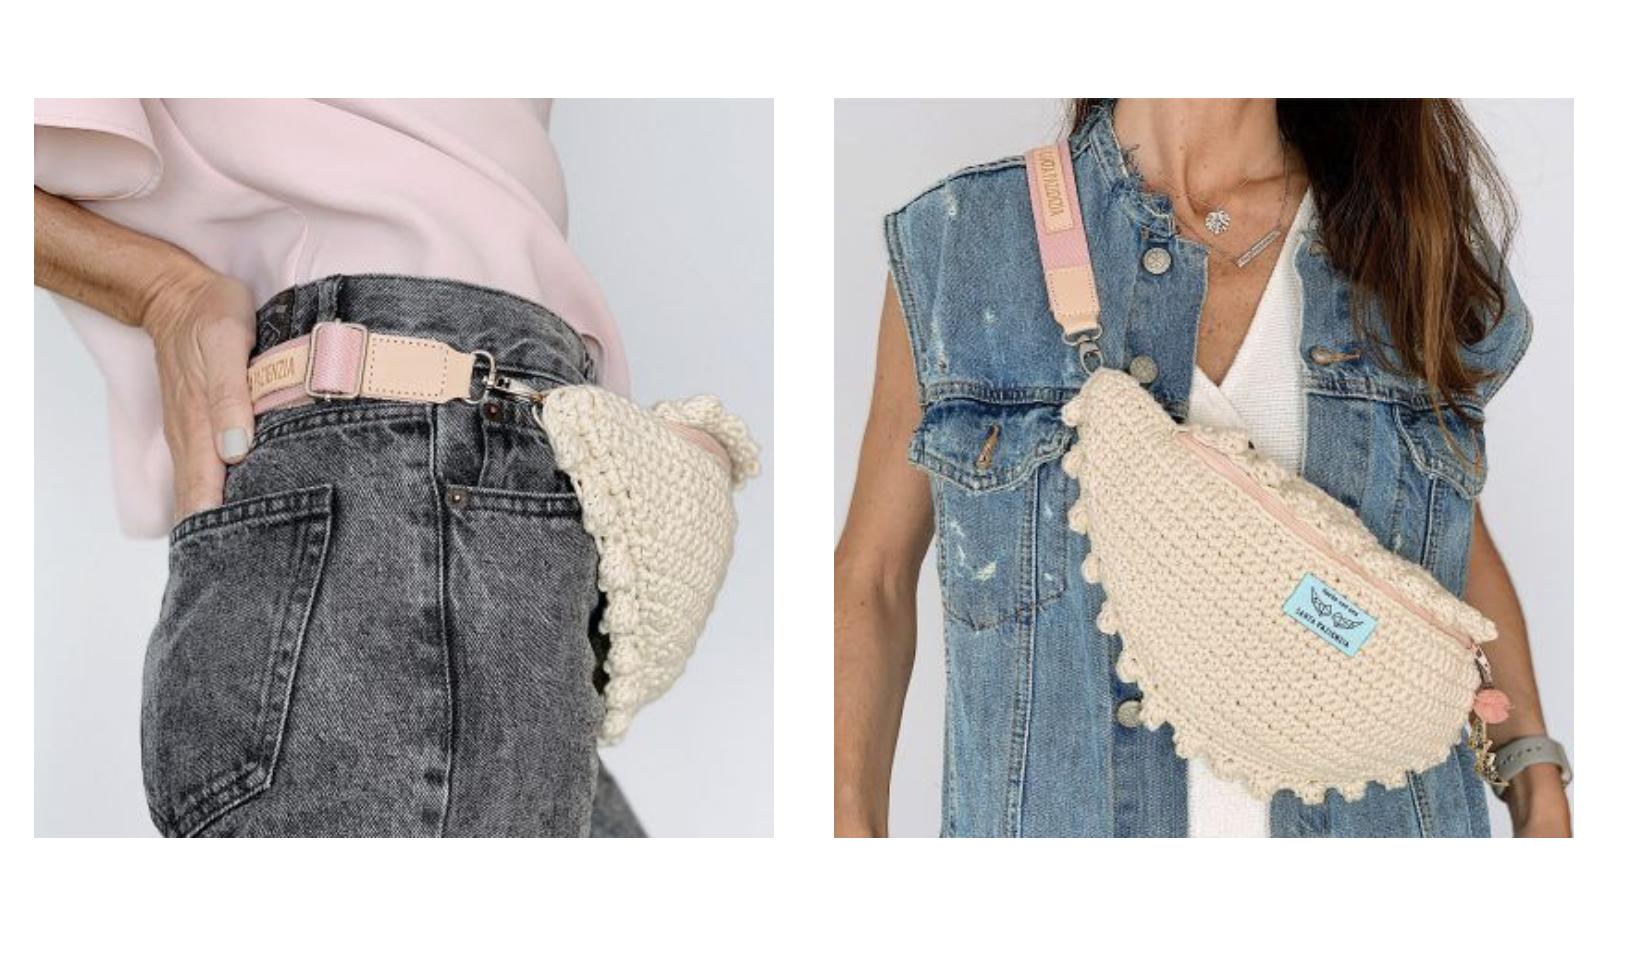 Crochet y otros puntos para engancharse fácilmente